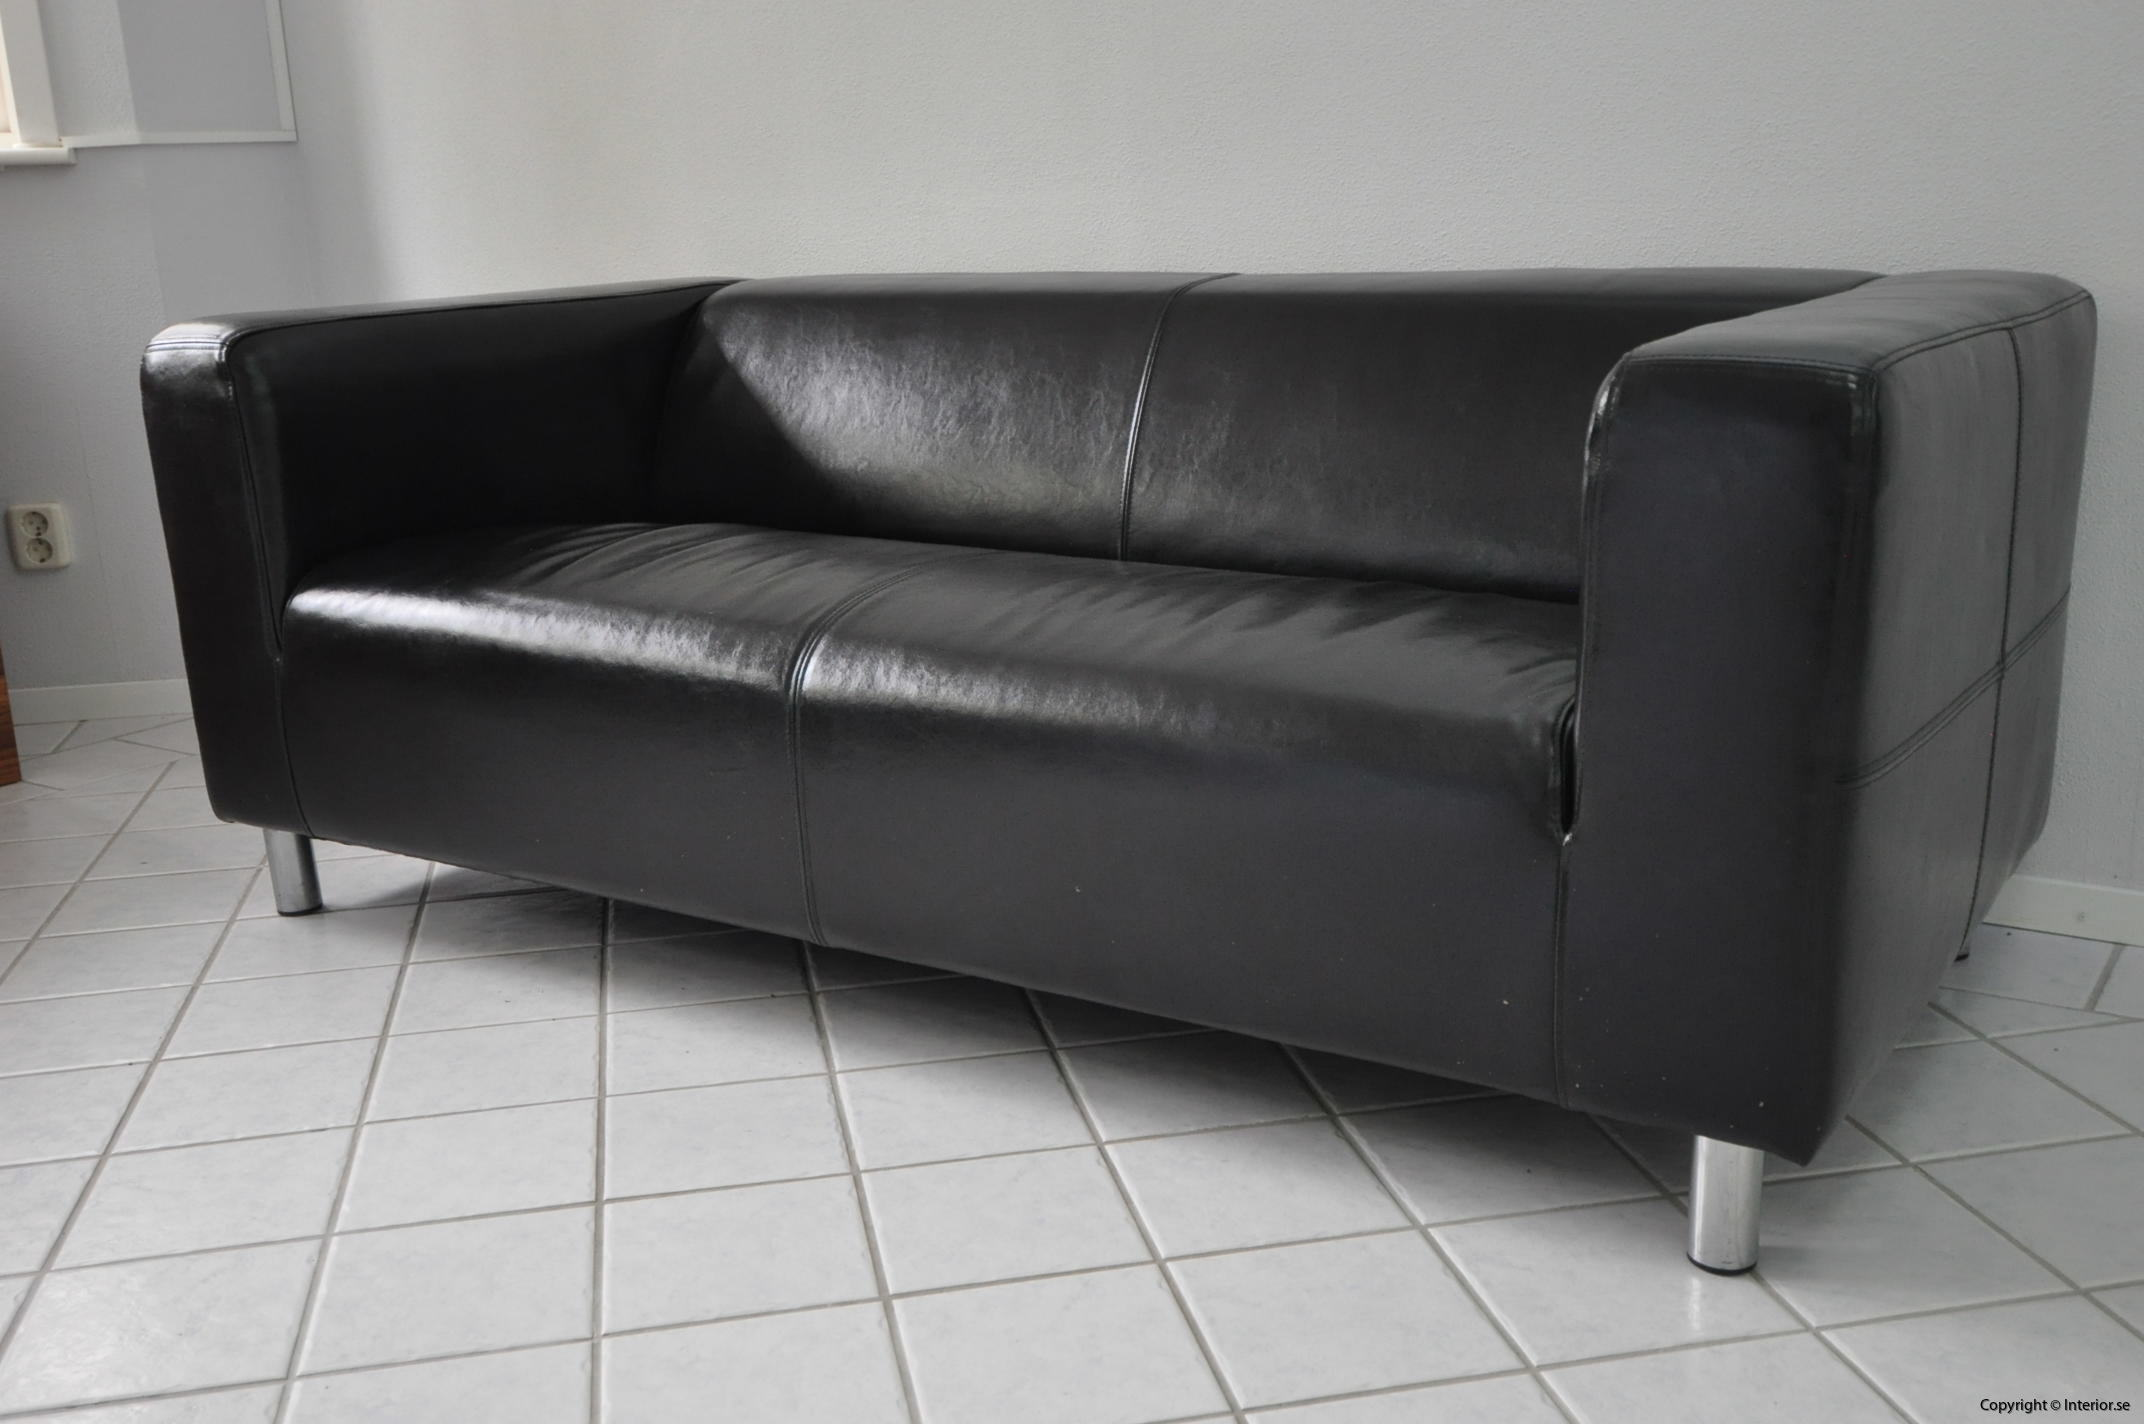 Soffa, IKEA Kramfors Svart skinn 2-sits (2)